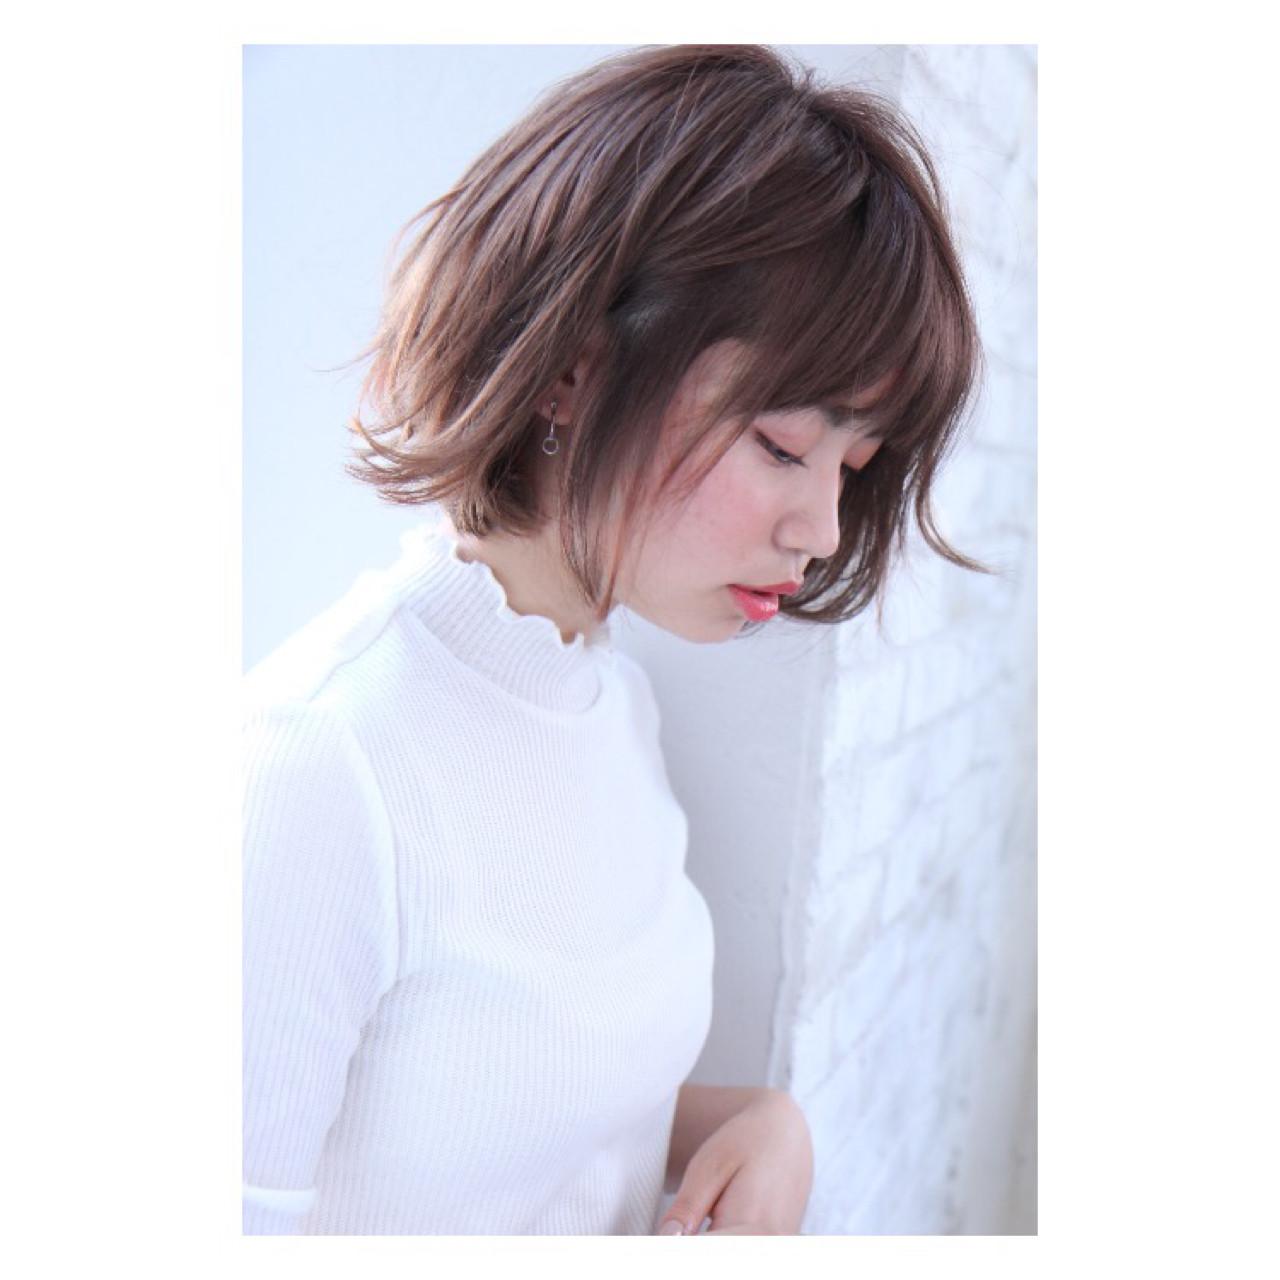 ウェーブ デジタルパーマ パーマ デート ヘアスタイルや髪型の写真・画像